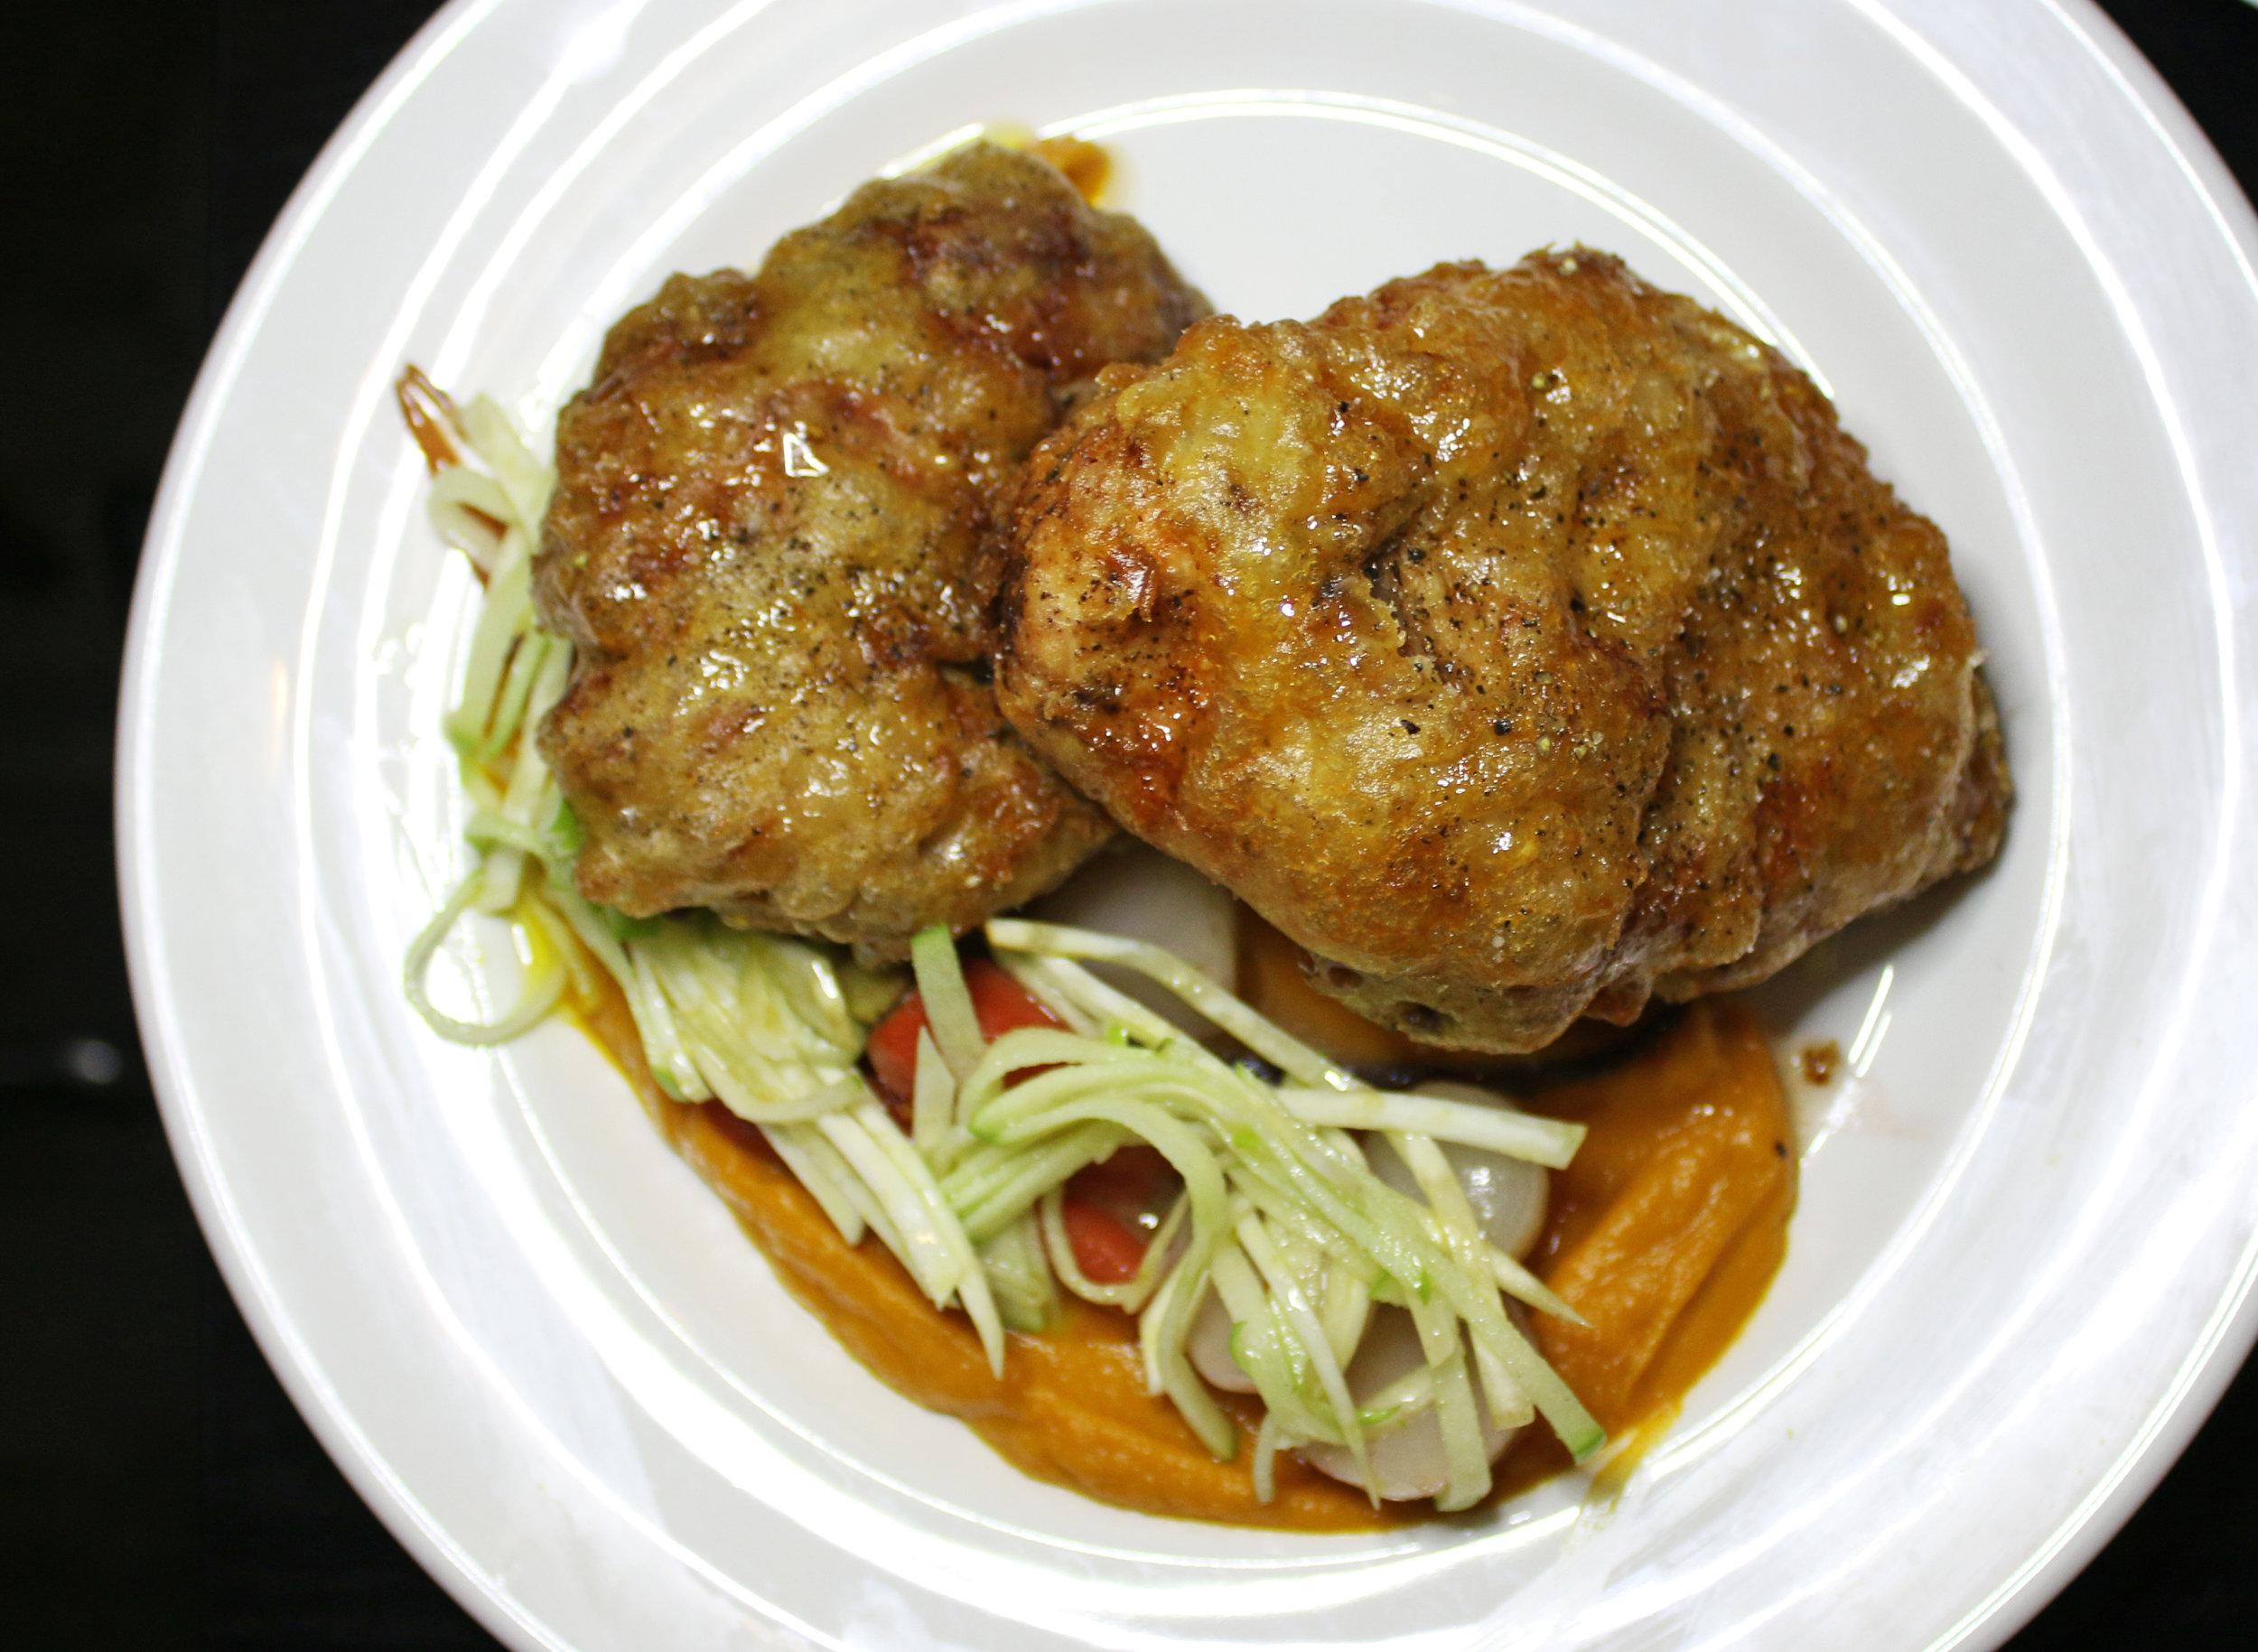 Fried Chicken: Butternut Squash, Honey Glazed Baby Vegetables, Apple Celery Root Slaw